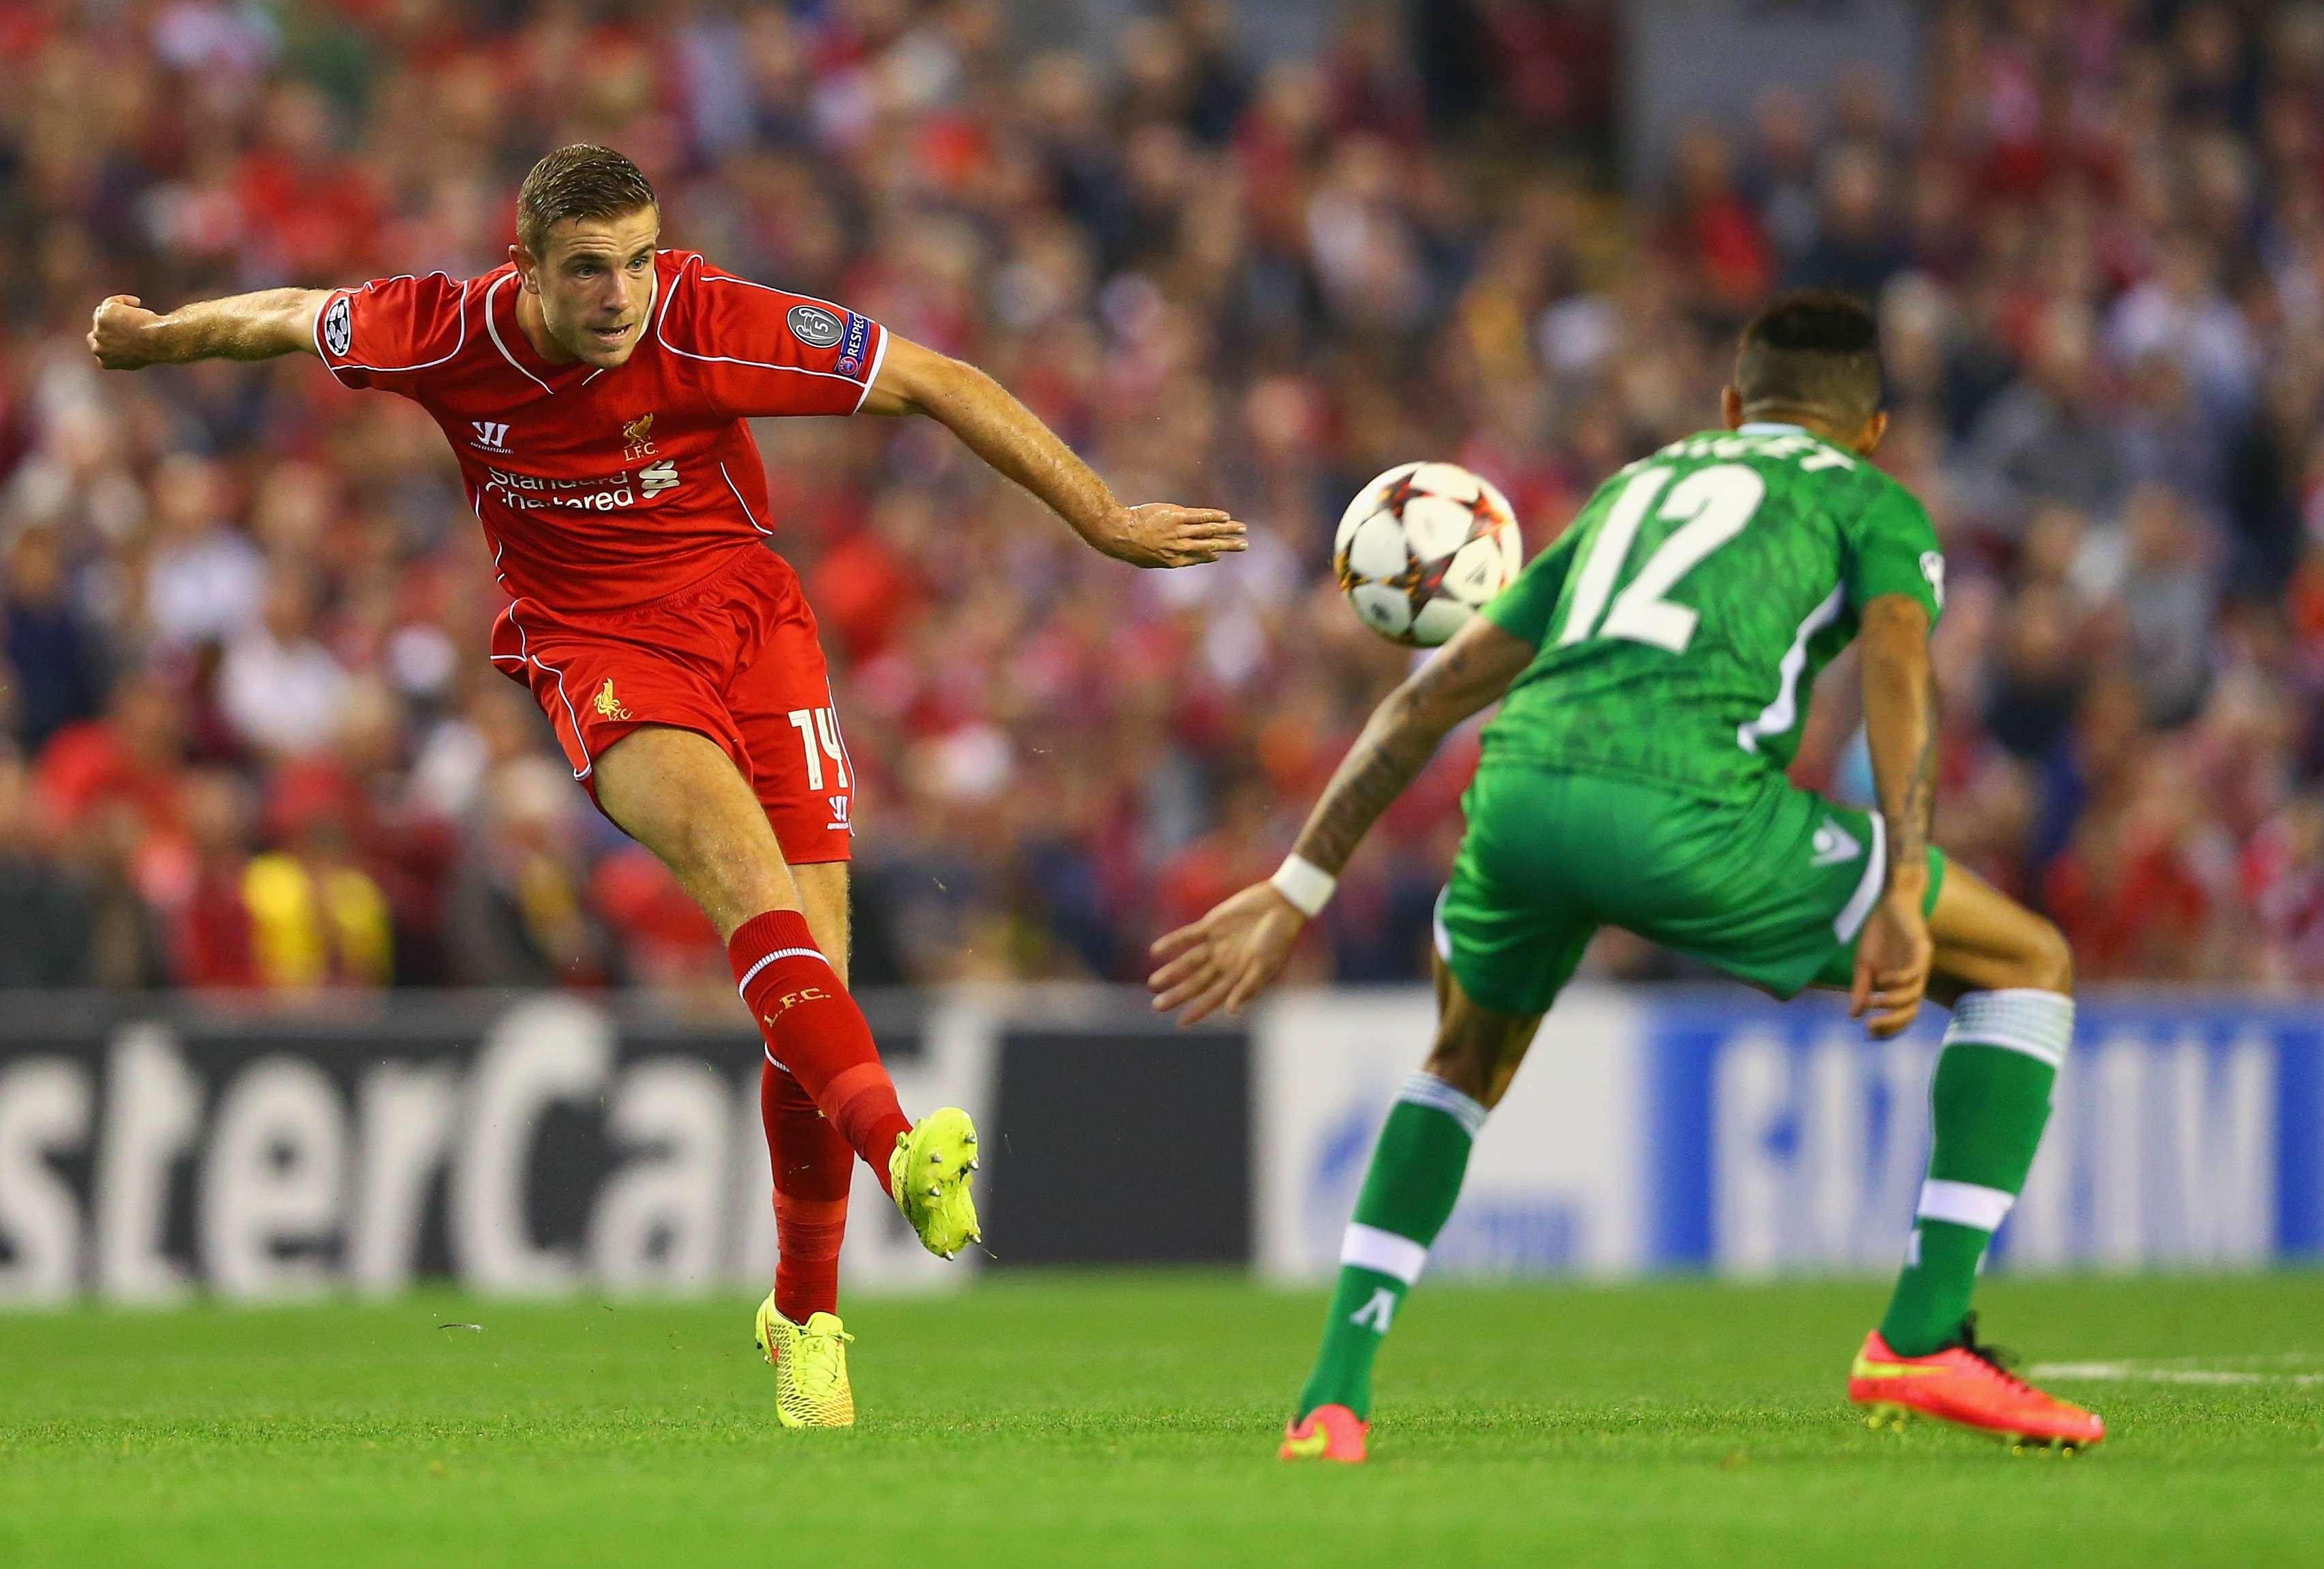 Liverpool sufrió para vencer 2-1 a Ludogorets en el inicio de la Champions League. Balotelli se estrenó como goleador de los Reds y Gerard de Penalti selló la victoria. Dani Abalo marcó por los visitantes Foto: Getty Images